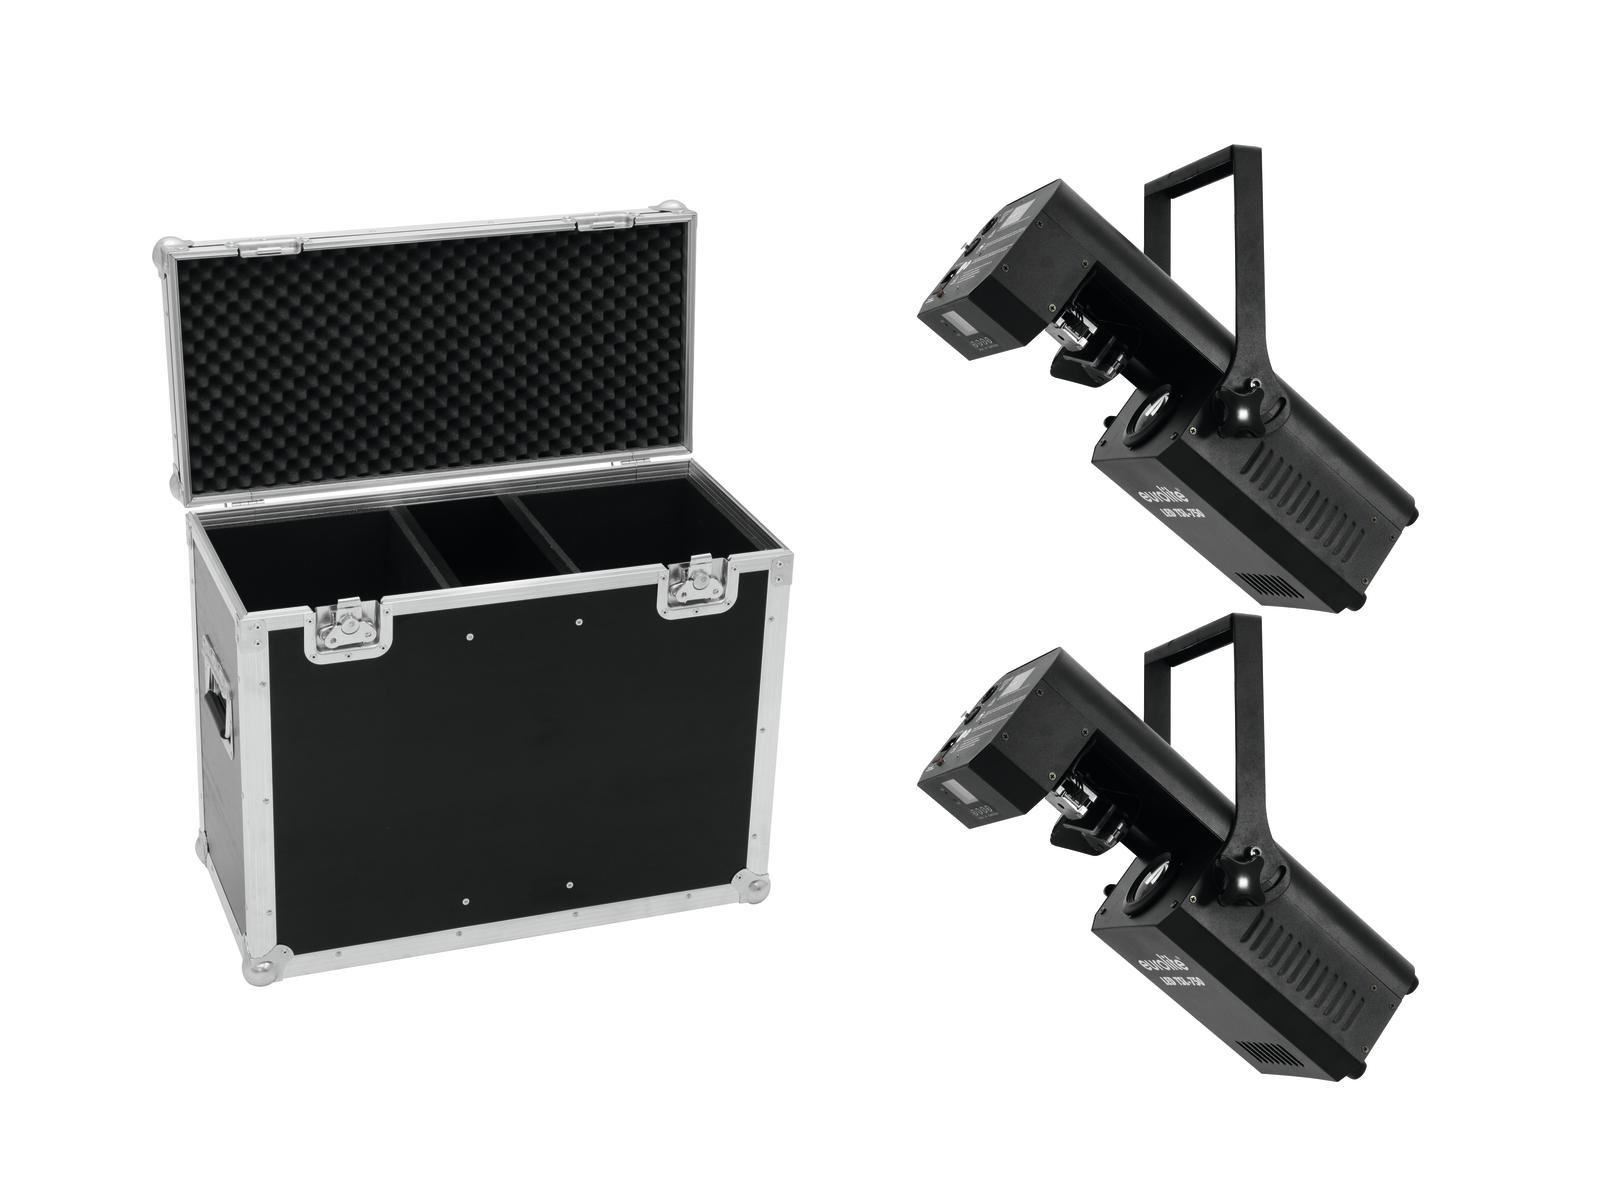 EUROLITE Set 2x LED TSL-750 Scan + Caso